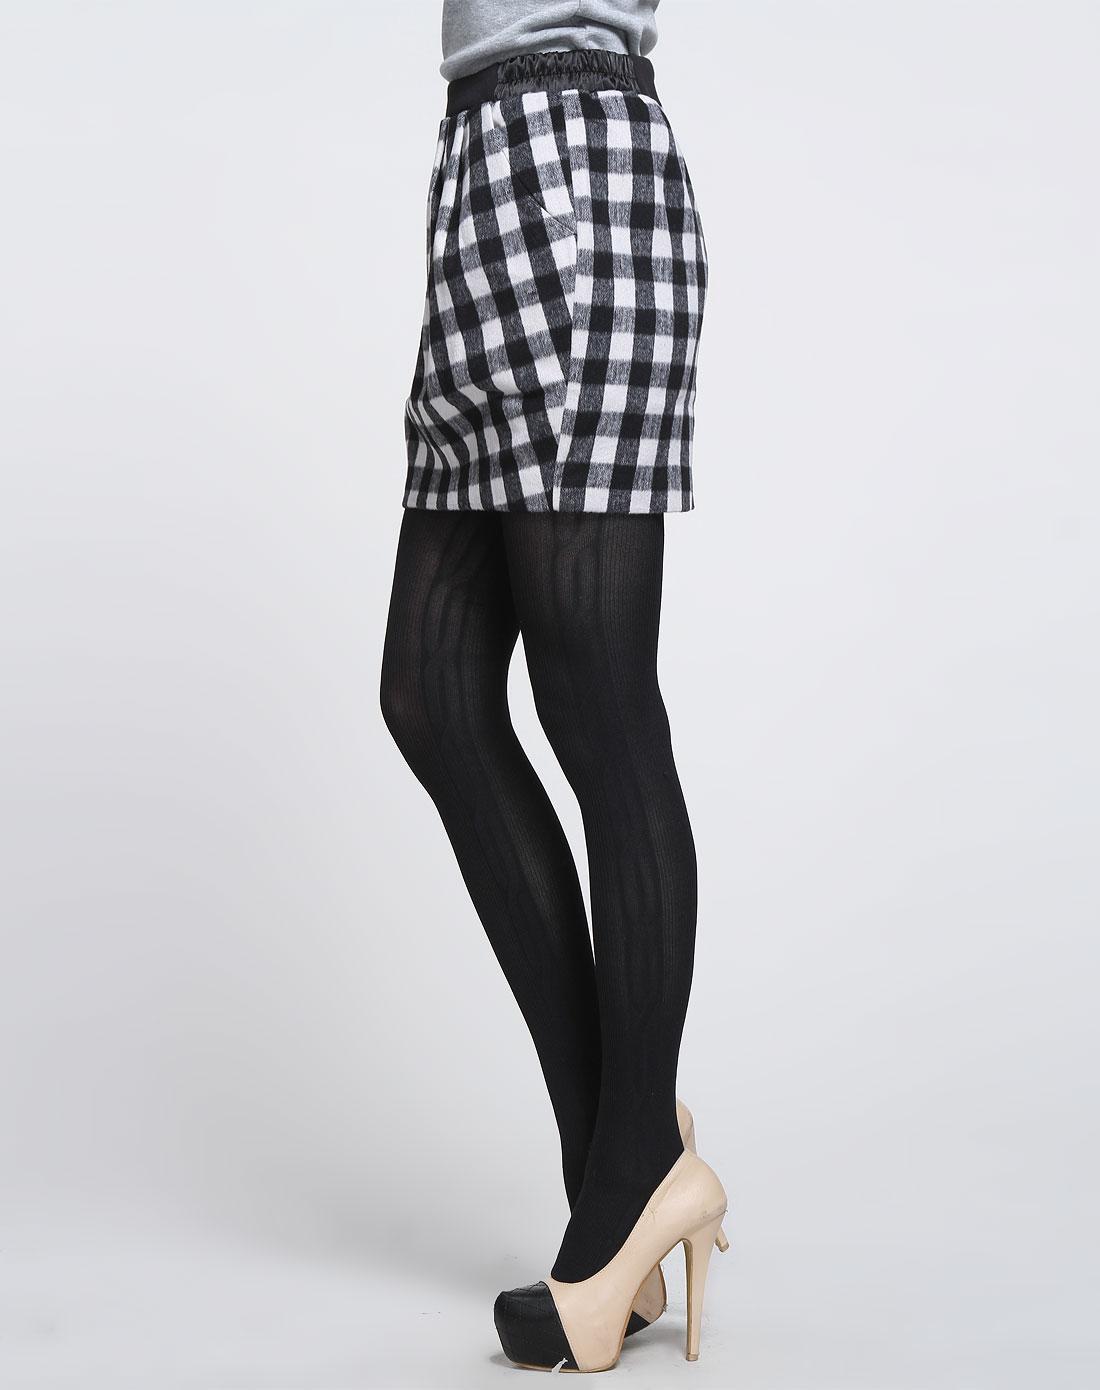 女款黑白色格子时尚短裙